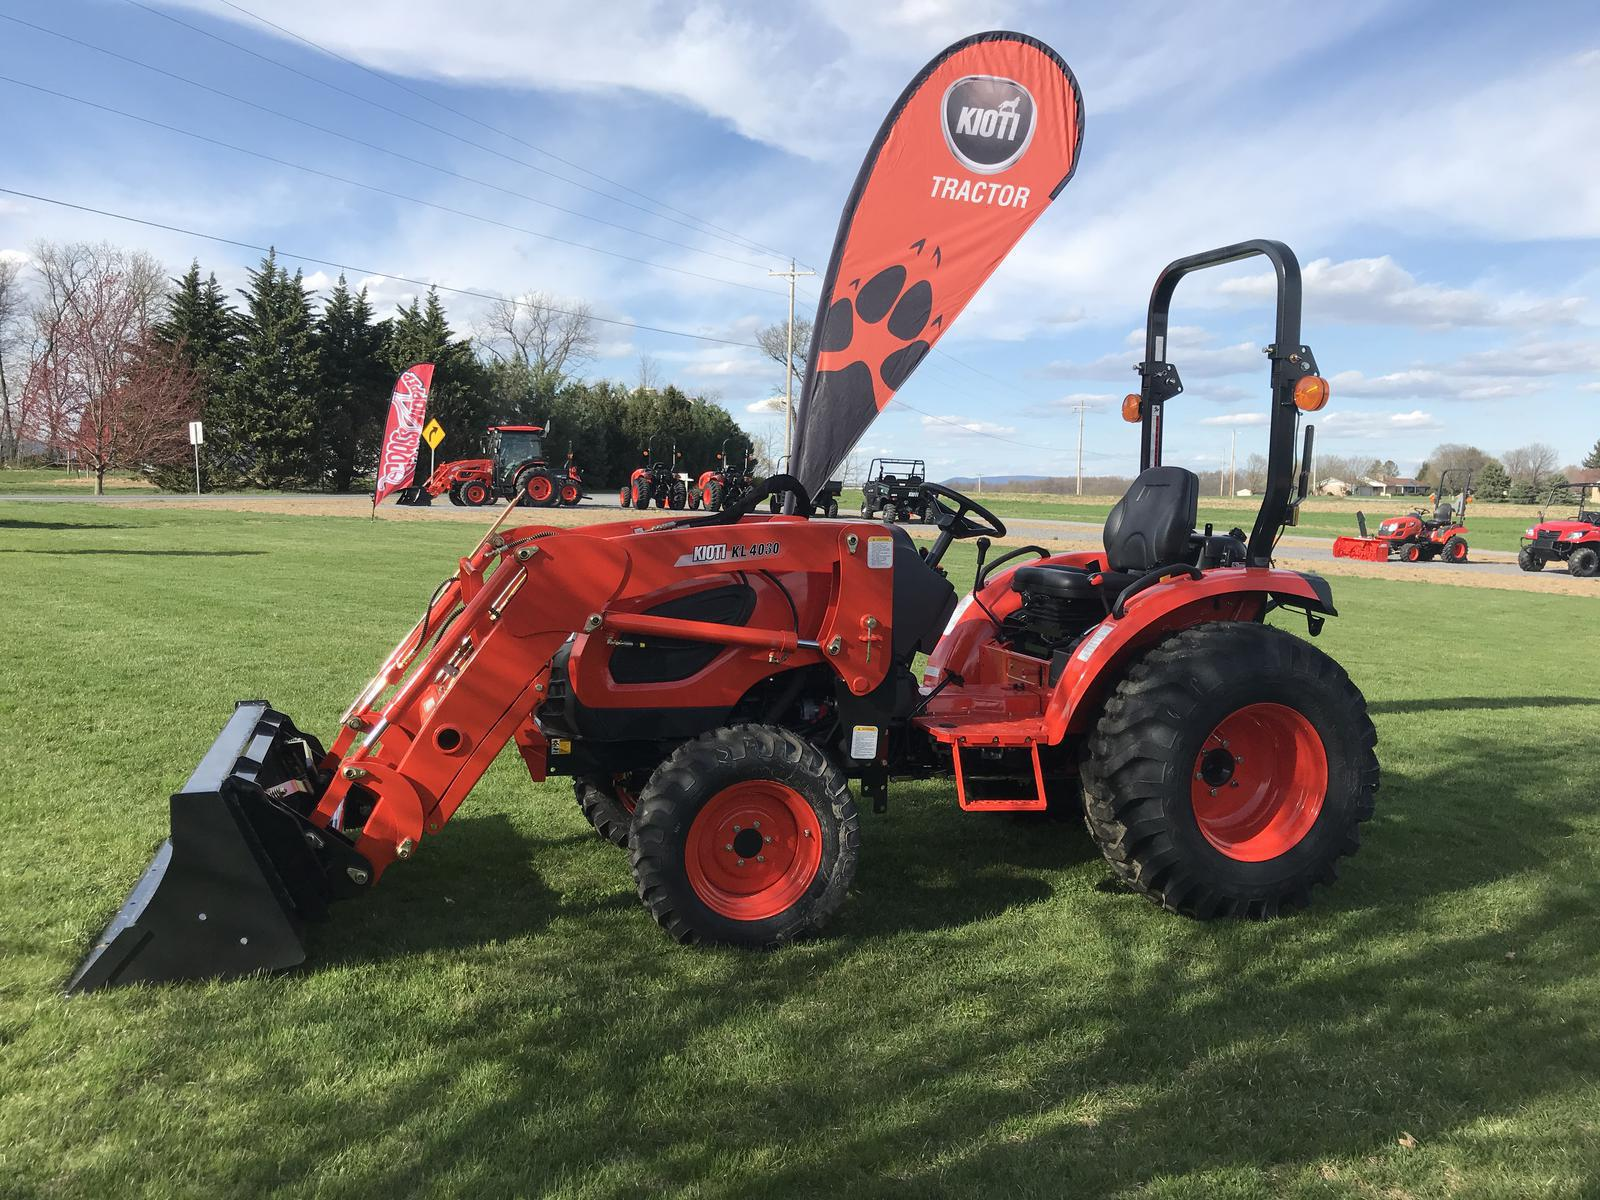 Agricultural Tractors from KIOTI Nolt's Power Equipment LLC